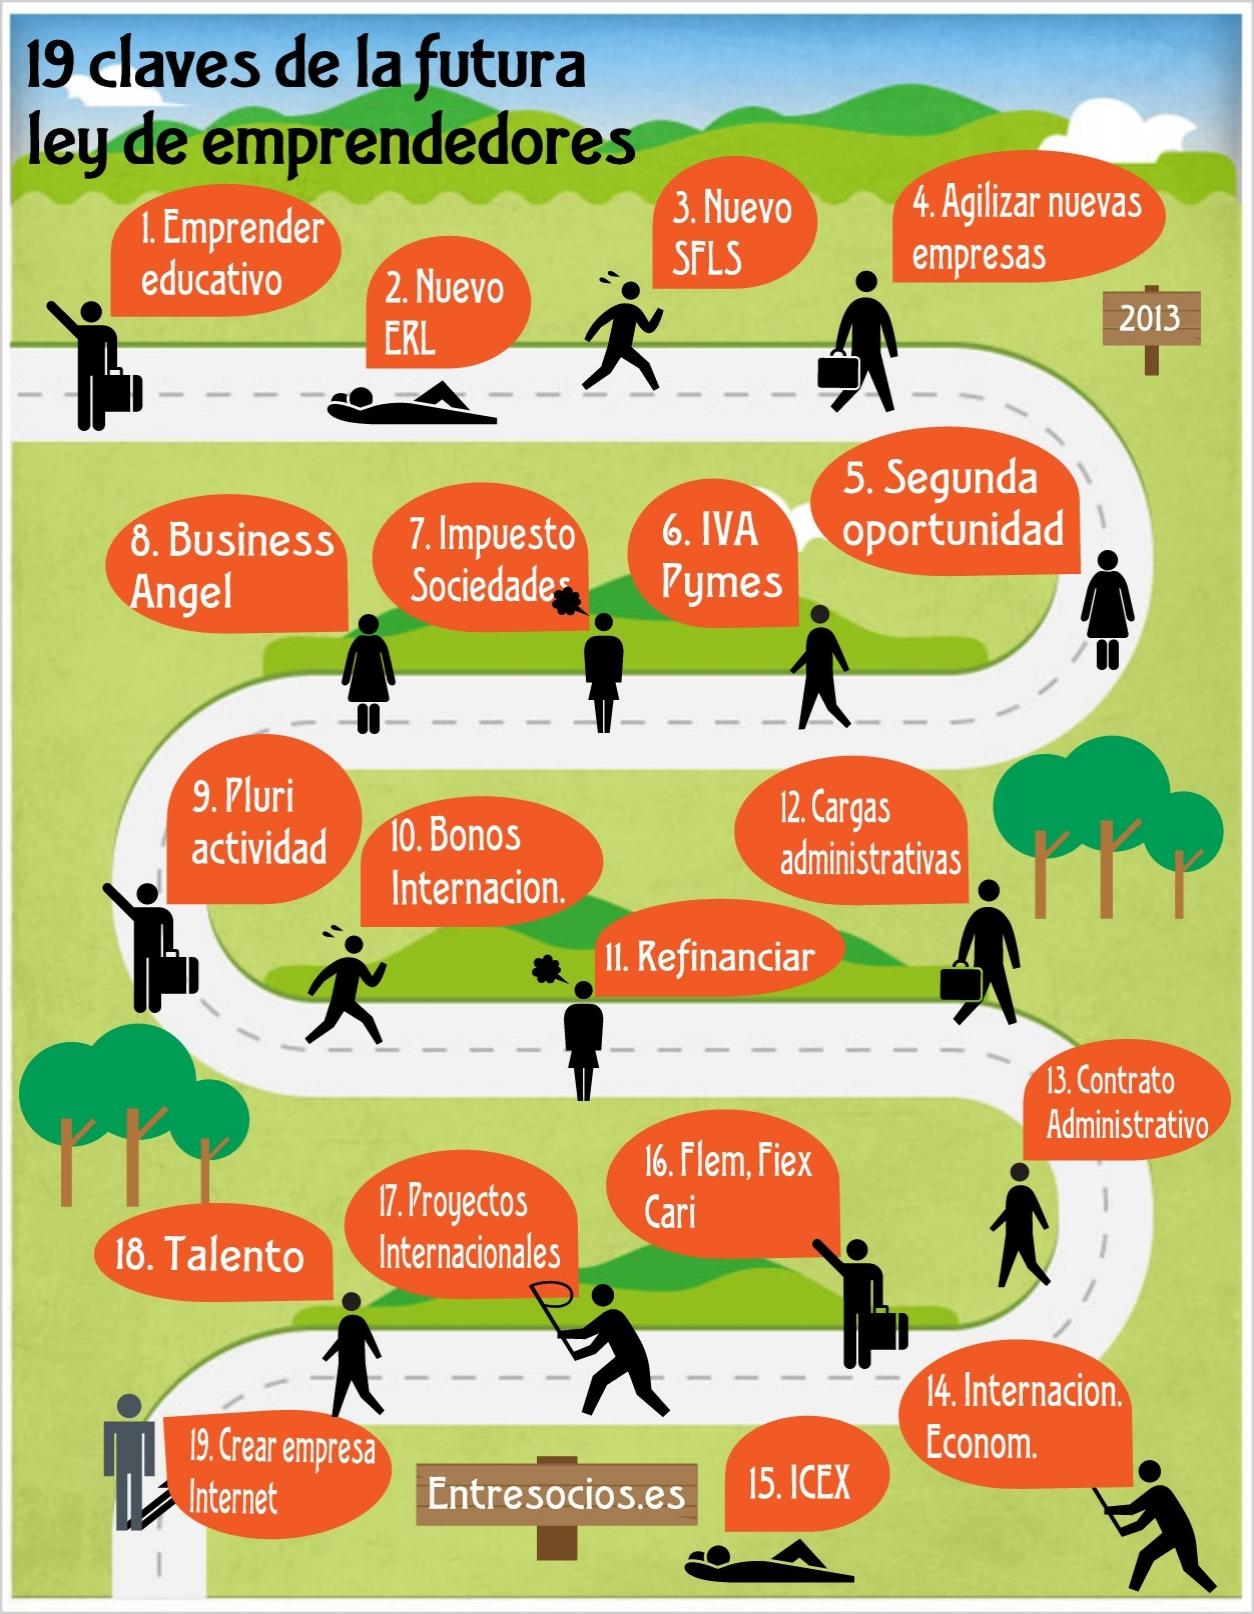 Infografía 19 claves de la nueva ley de emprendedores (España)